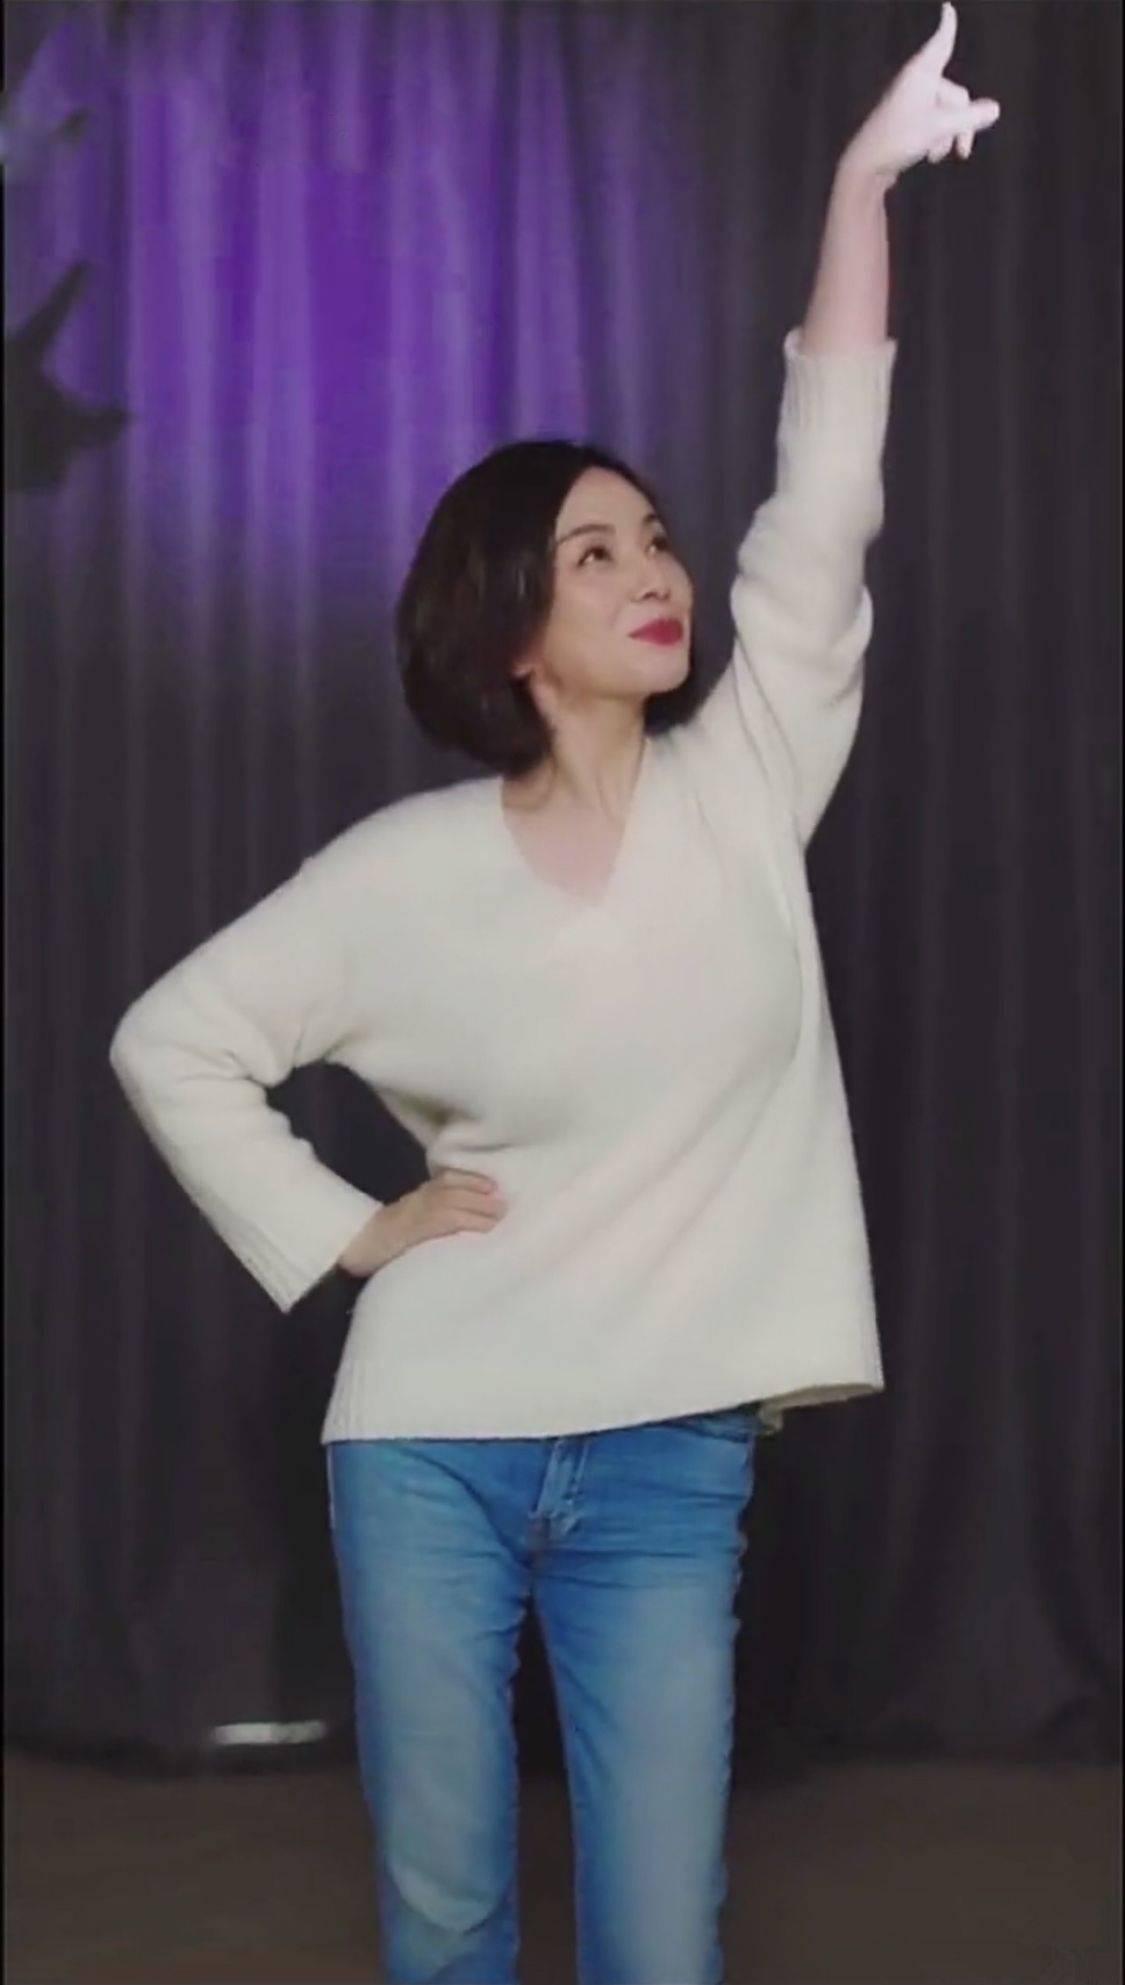 王琳干瘪身材,还穿毛衣牛仔裤赶时髦,脖子以上都是老年皱纹!